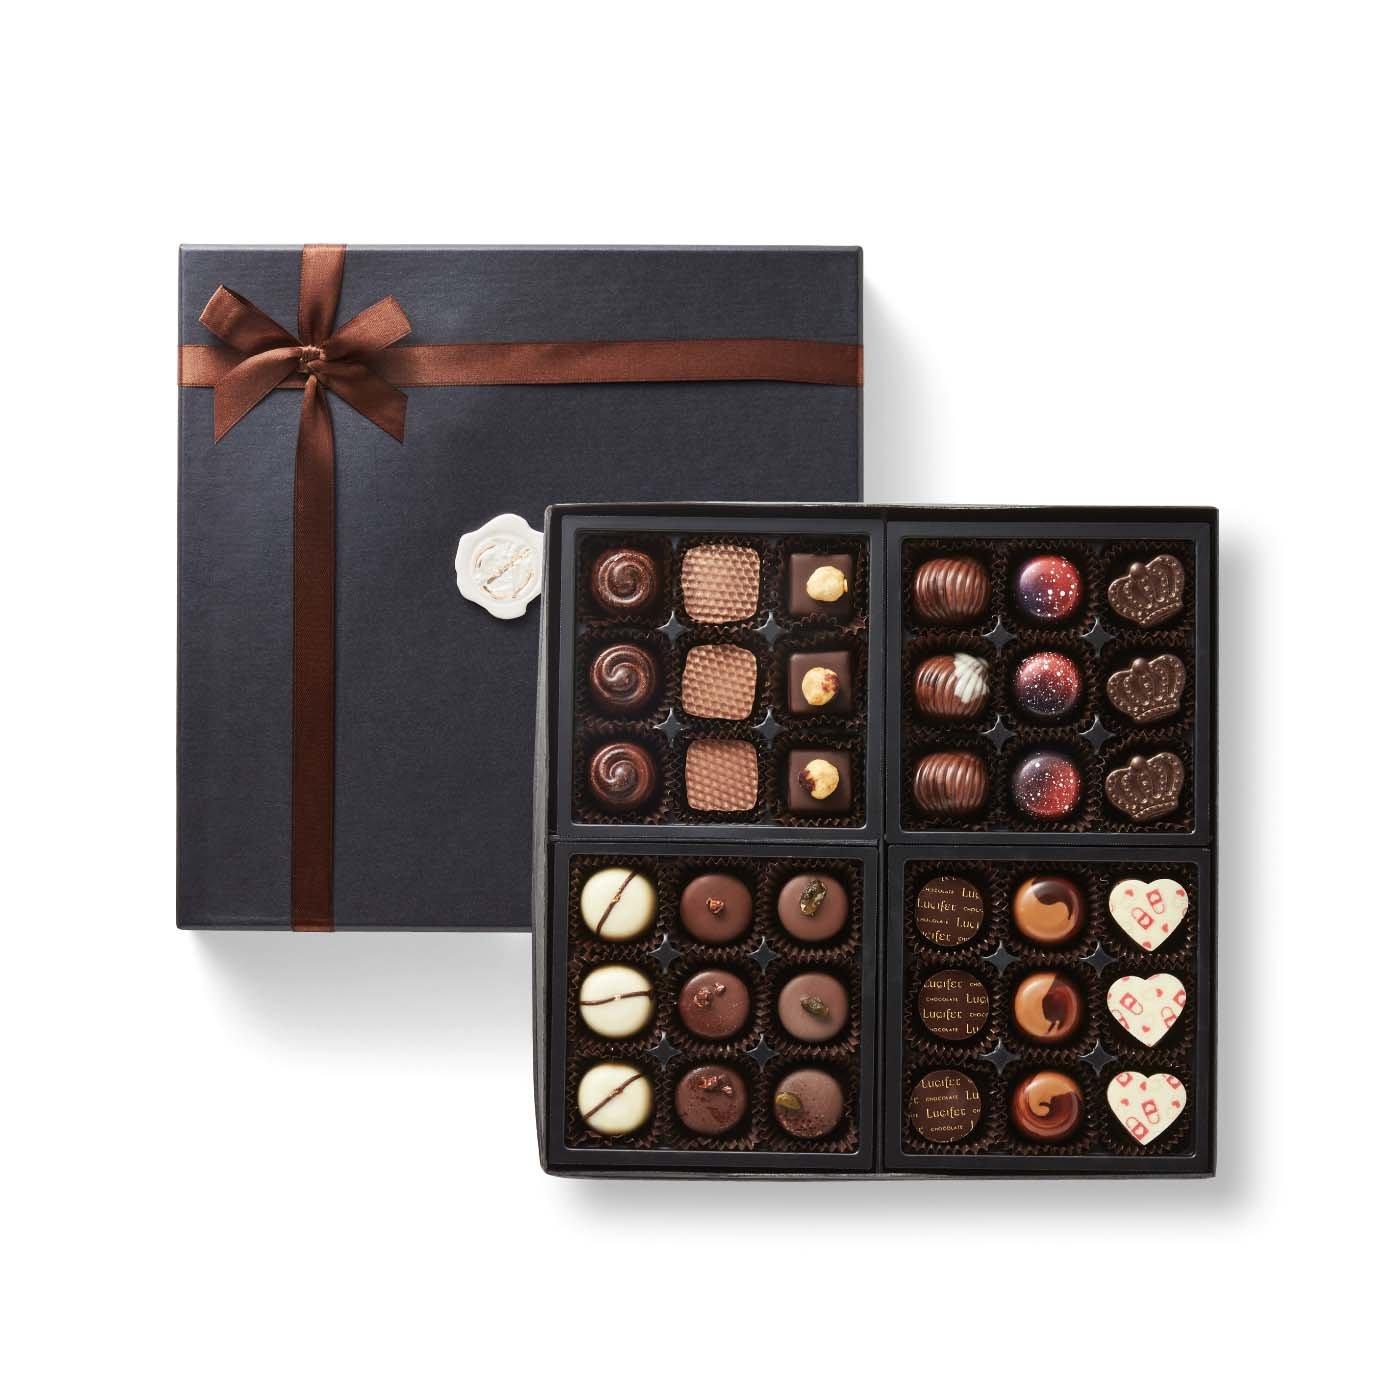 幸福のチョコレートメンバーサロン ゴールドメンバーコース (12ヵ月コース)